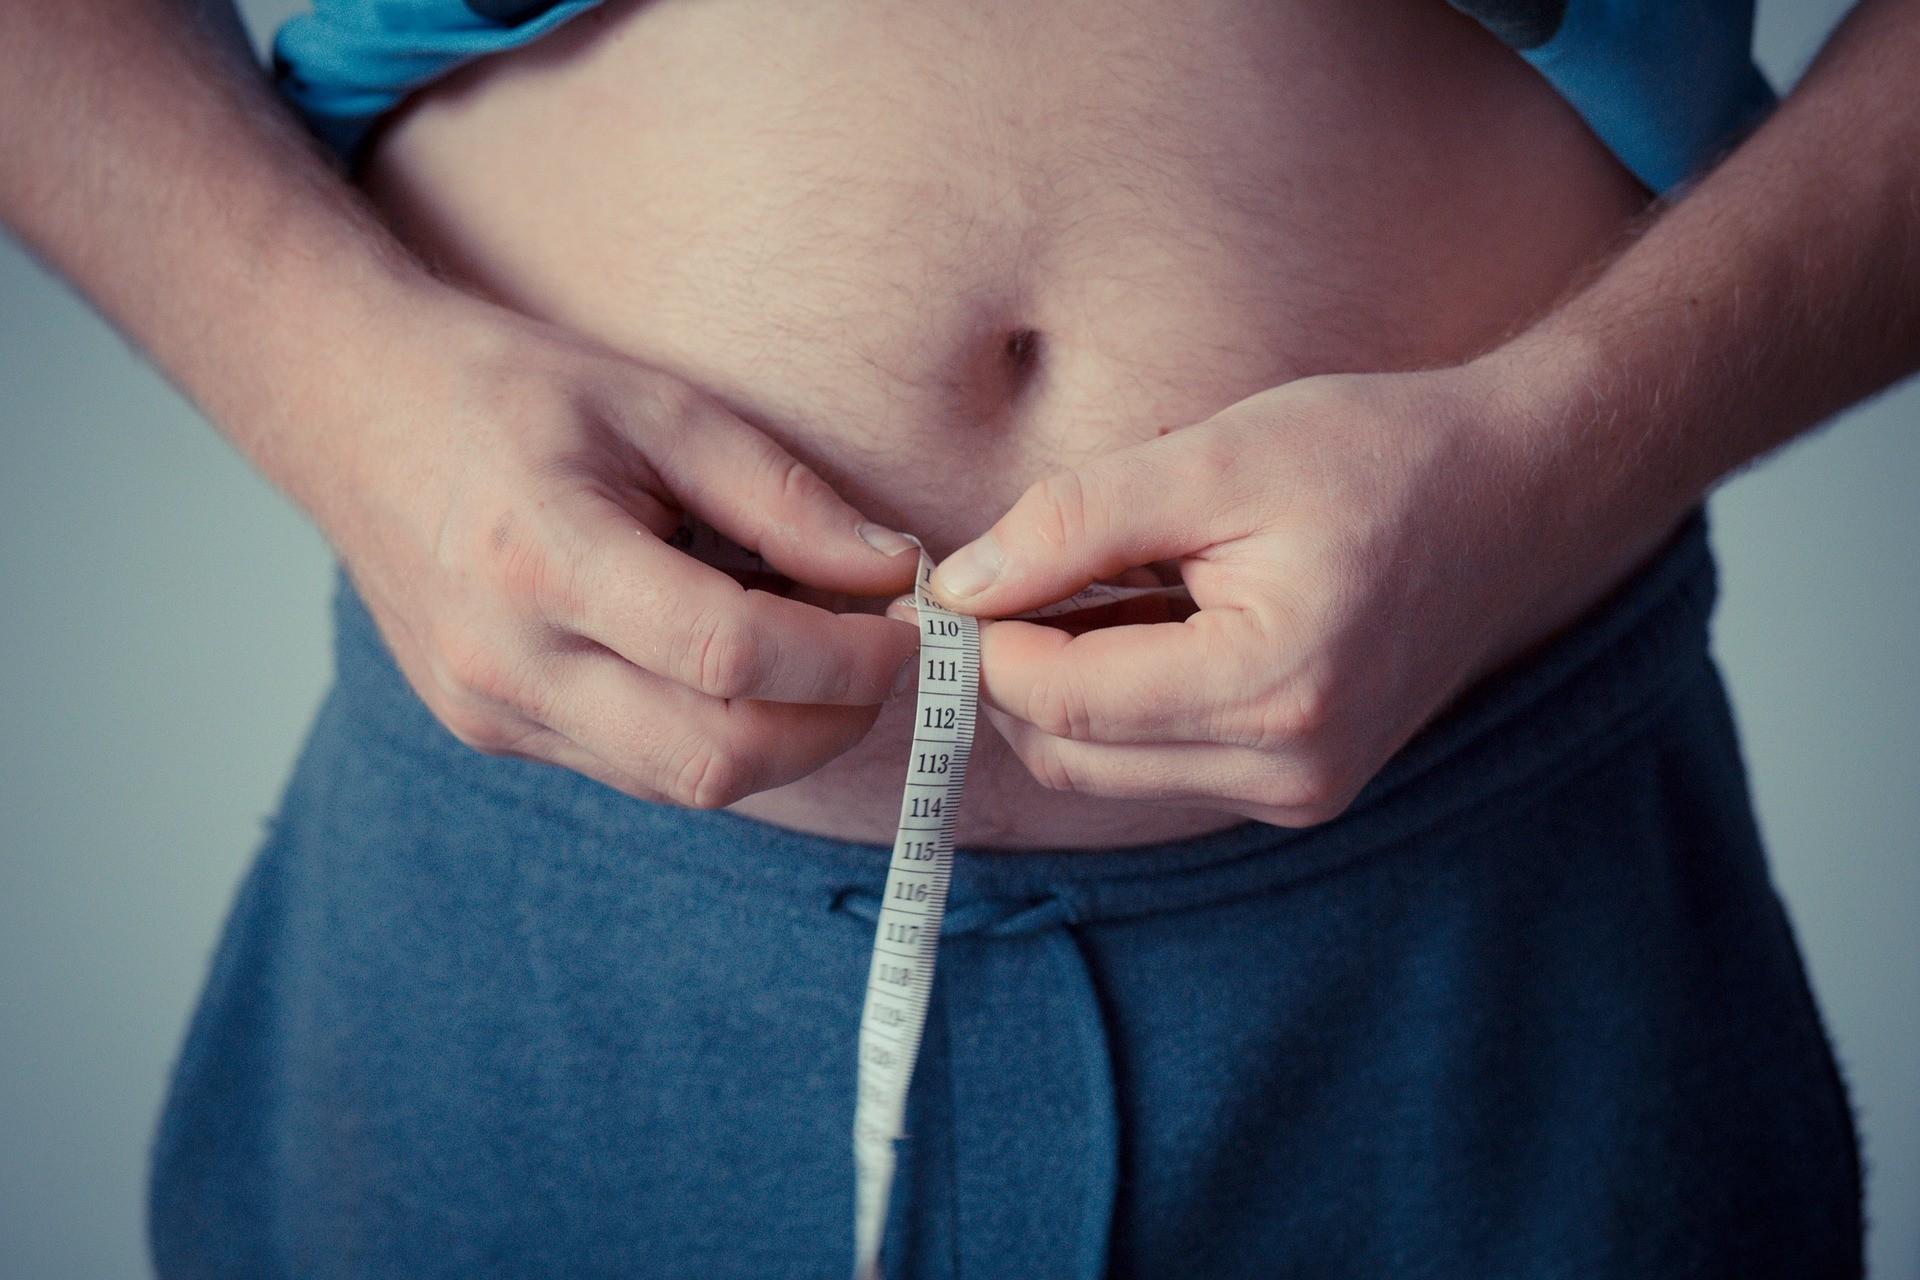 Ученые установили, что избыток жира ведет к уменьшению объема мозга